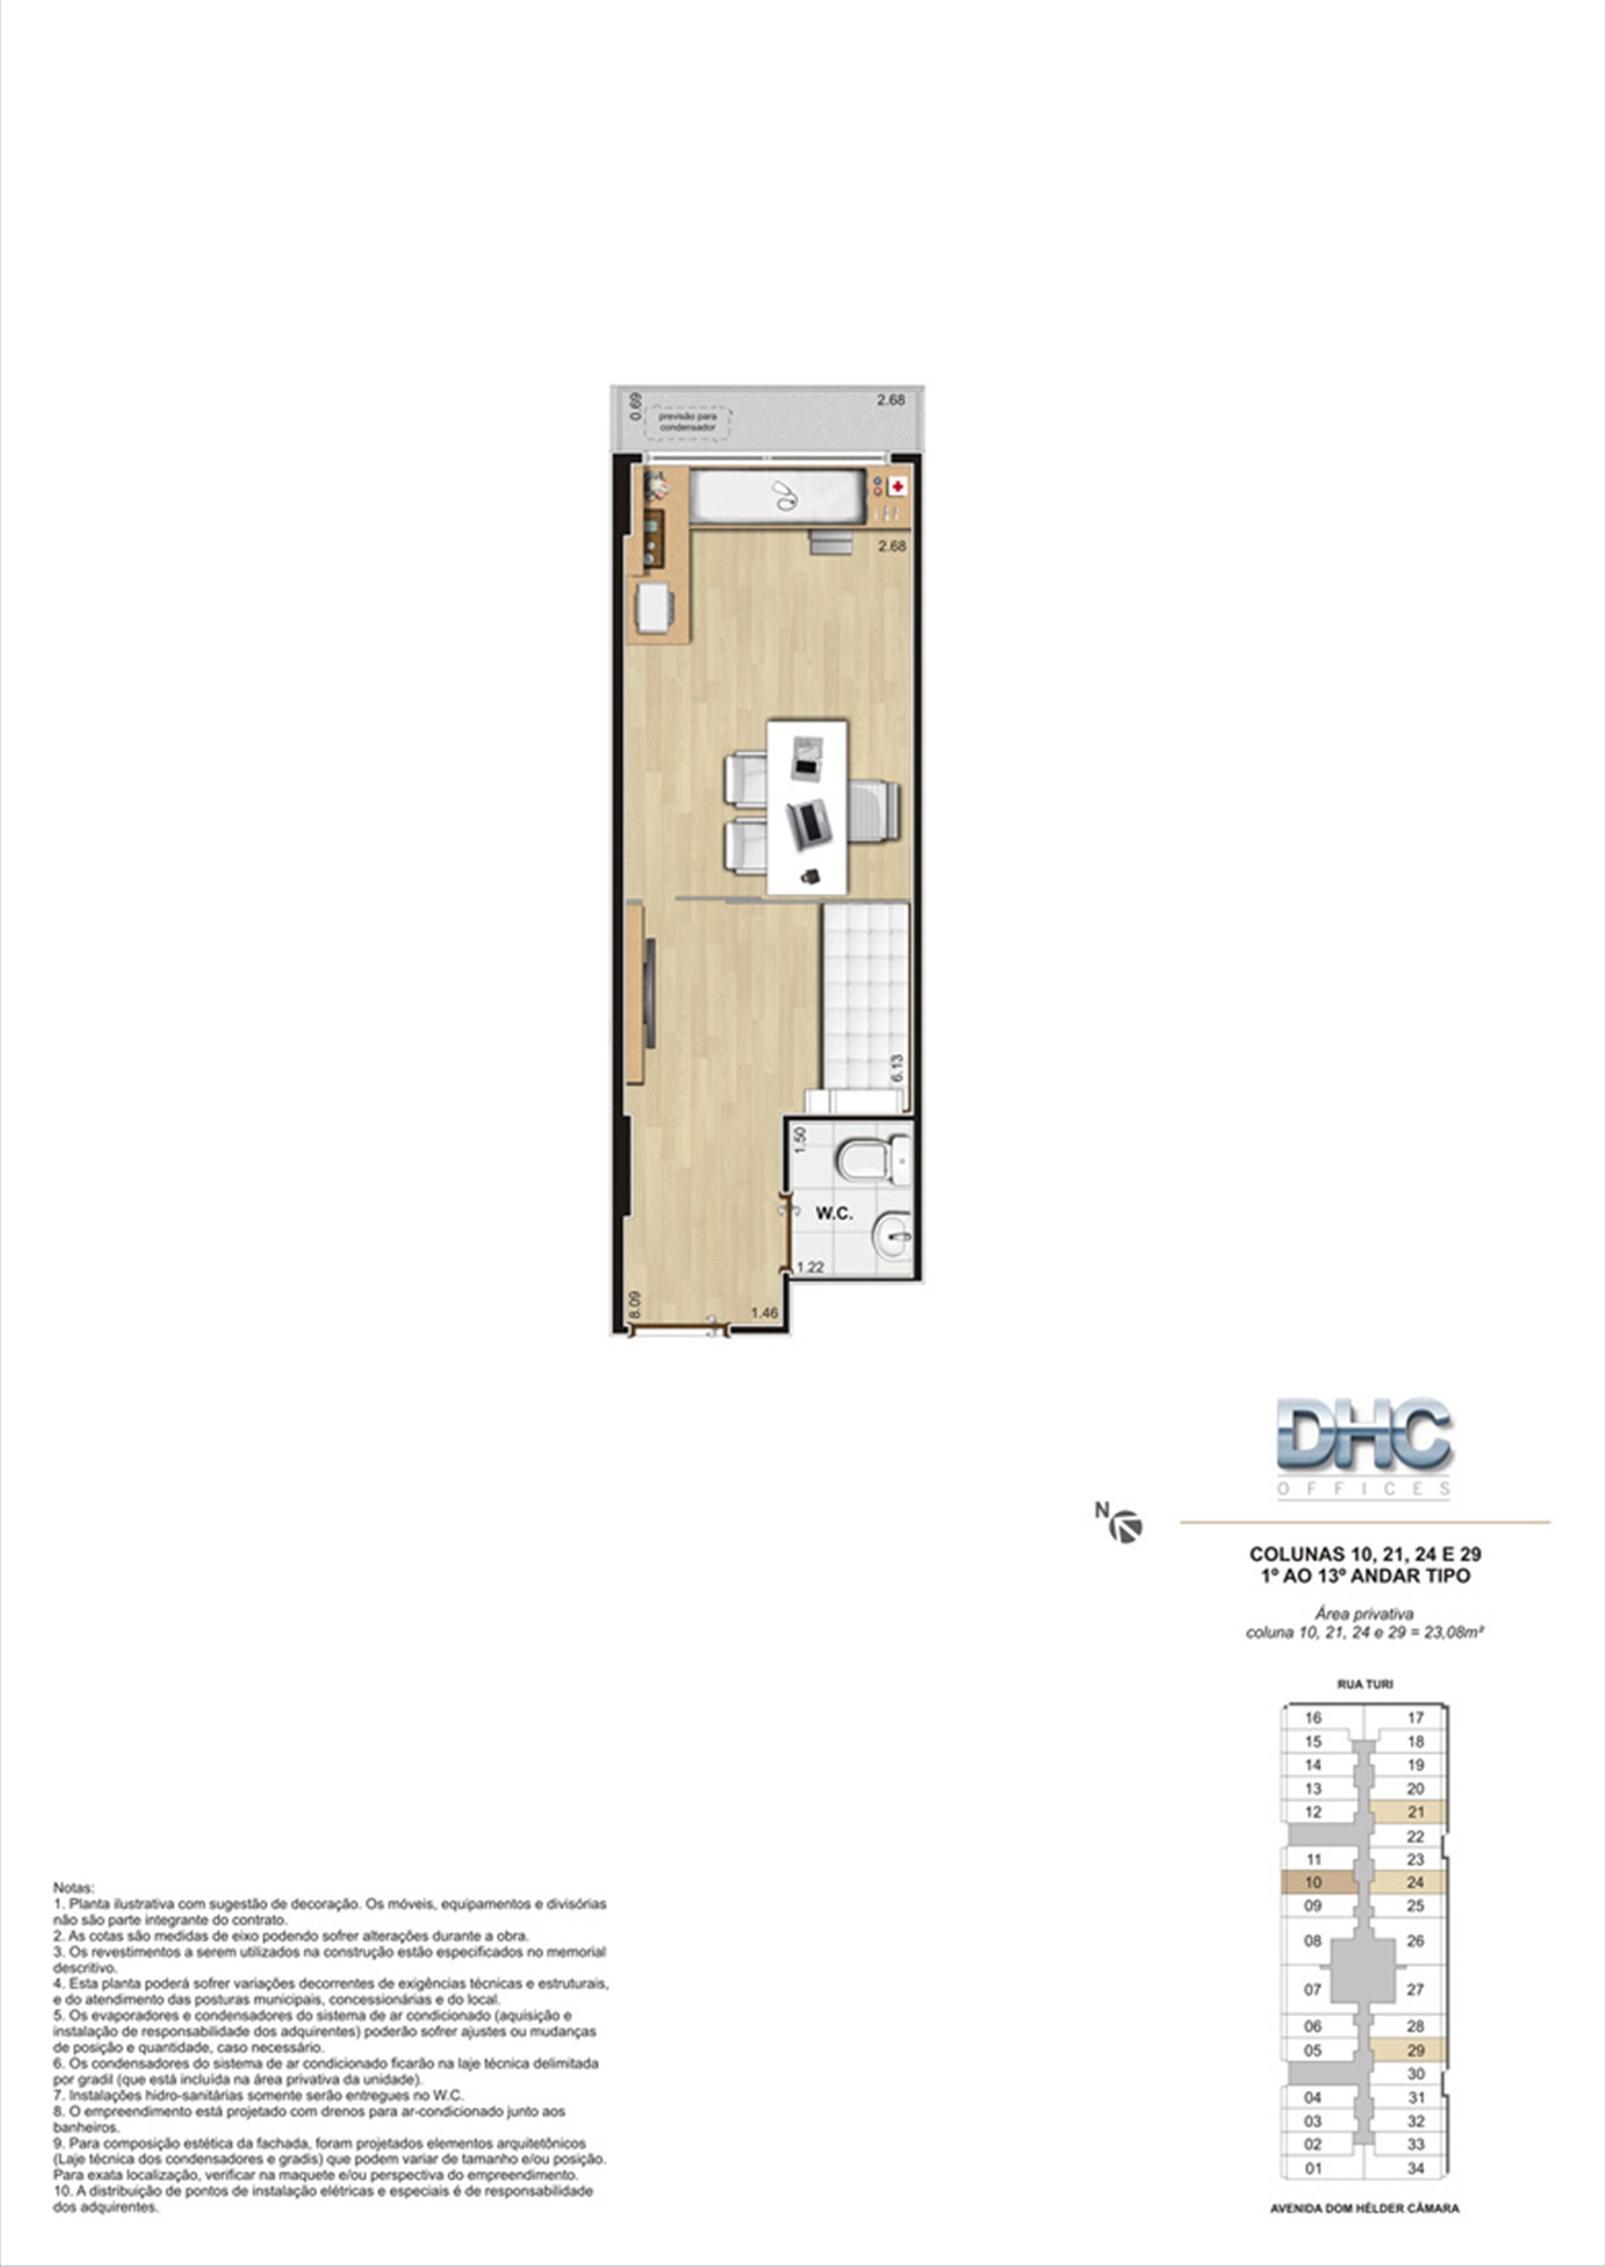 Colunas 10, 21, 24 e 29 -1° ao 13º andar tipo | DHC Offices – Salas Comerciaisem  Pilares - Rio de Janeiro - Rio de Janeiro